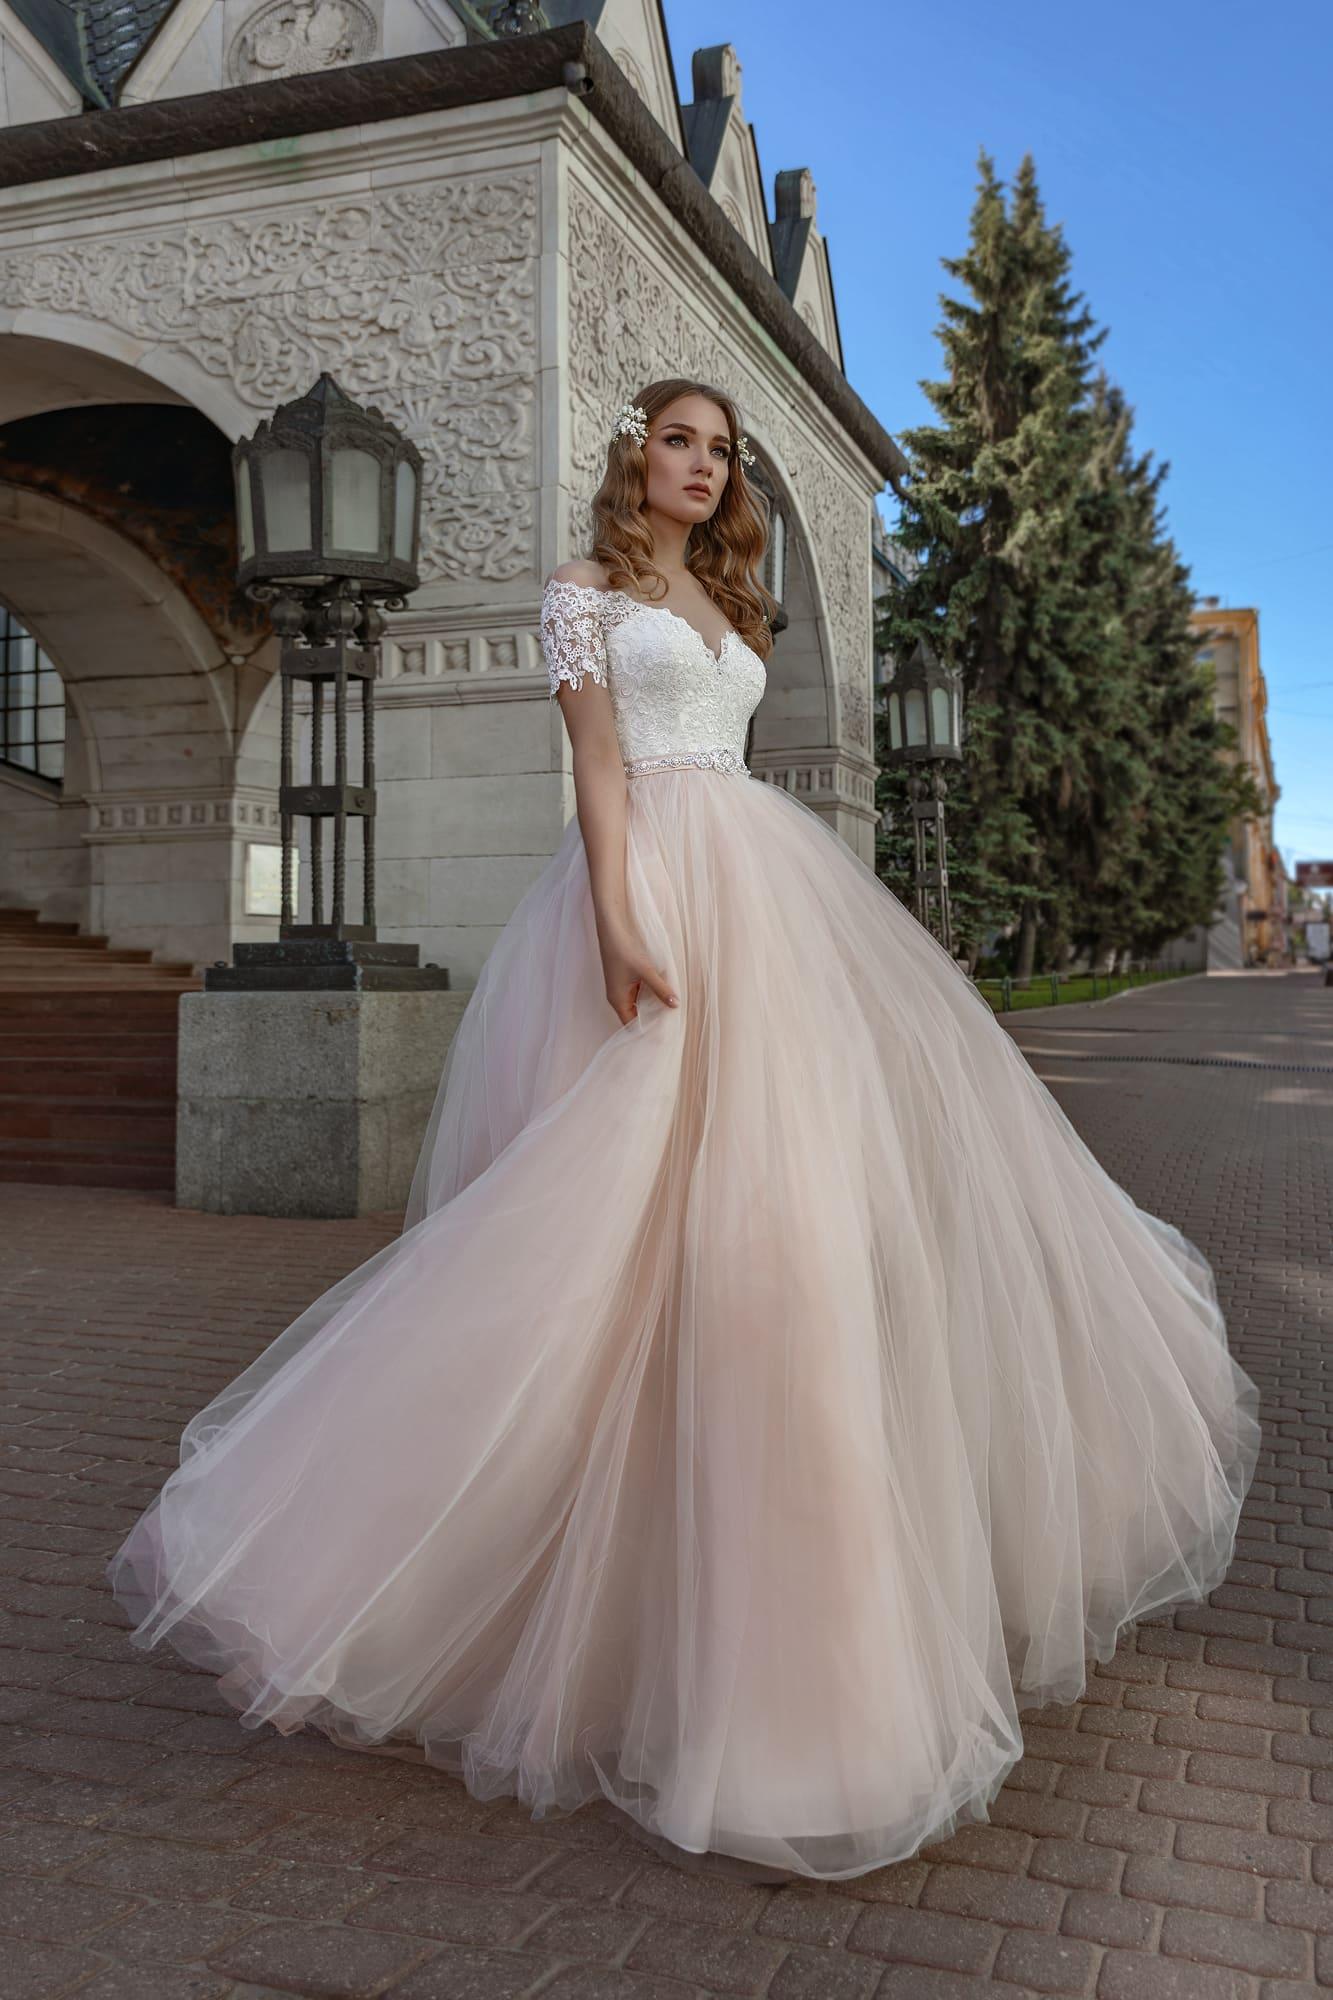 Пышное свадебное платье с портретным декольте и персиковой юбкой.